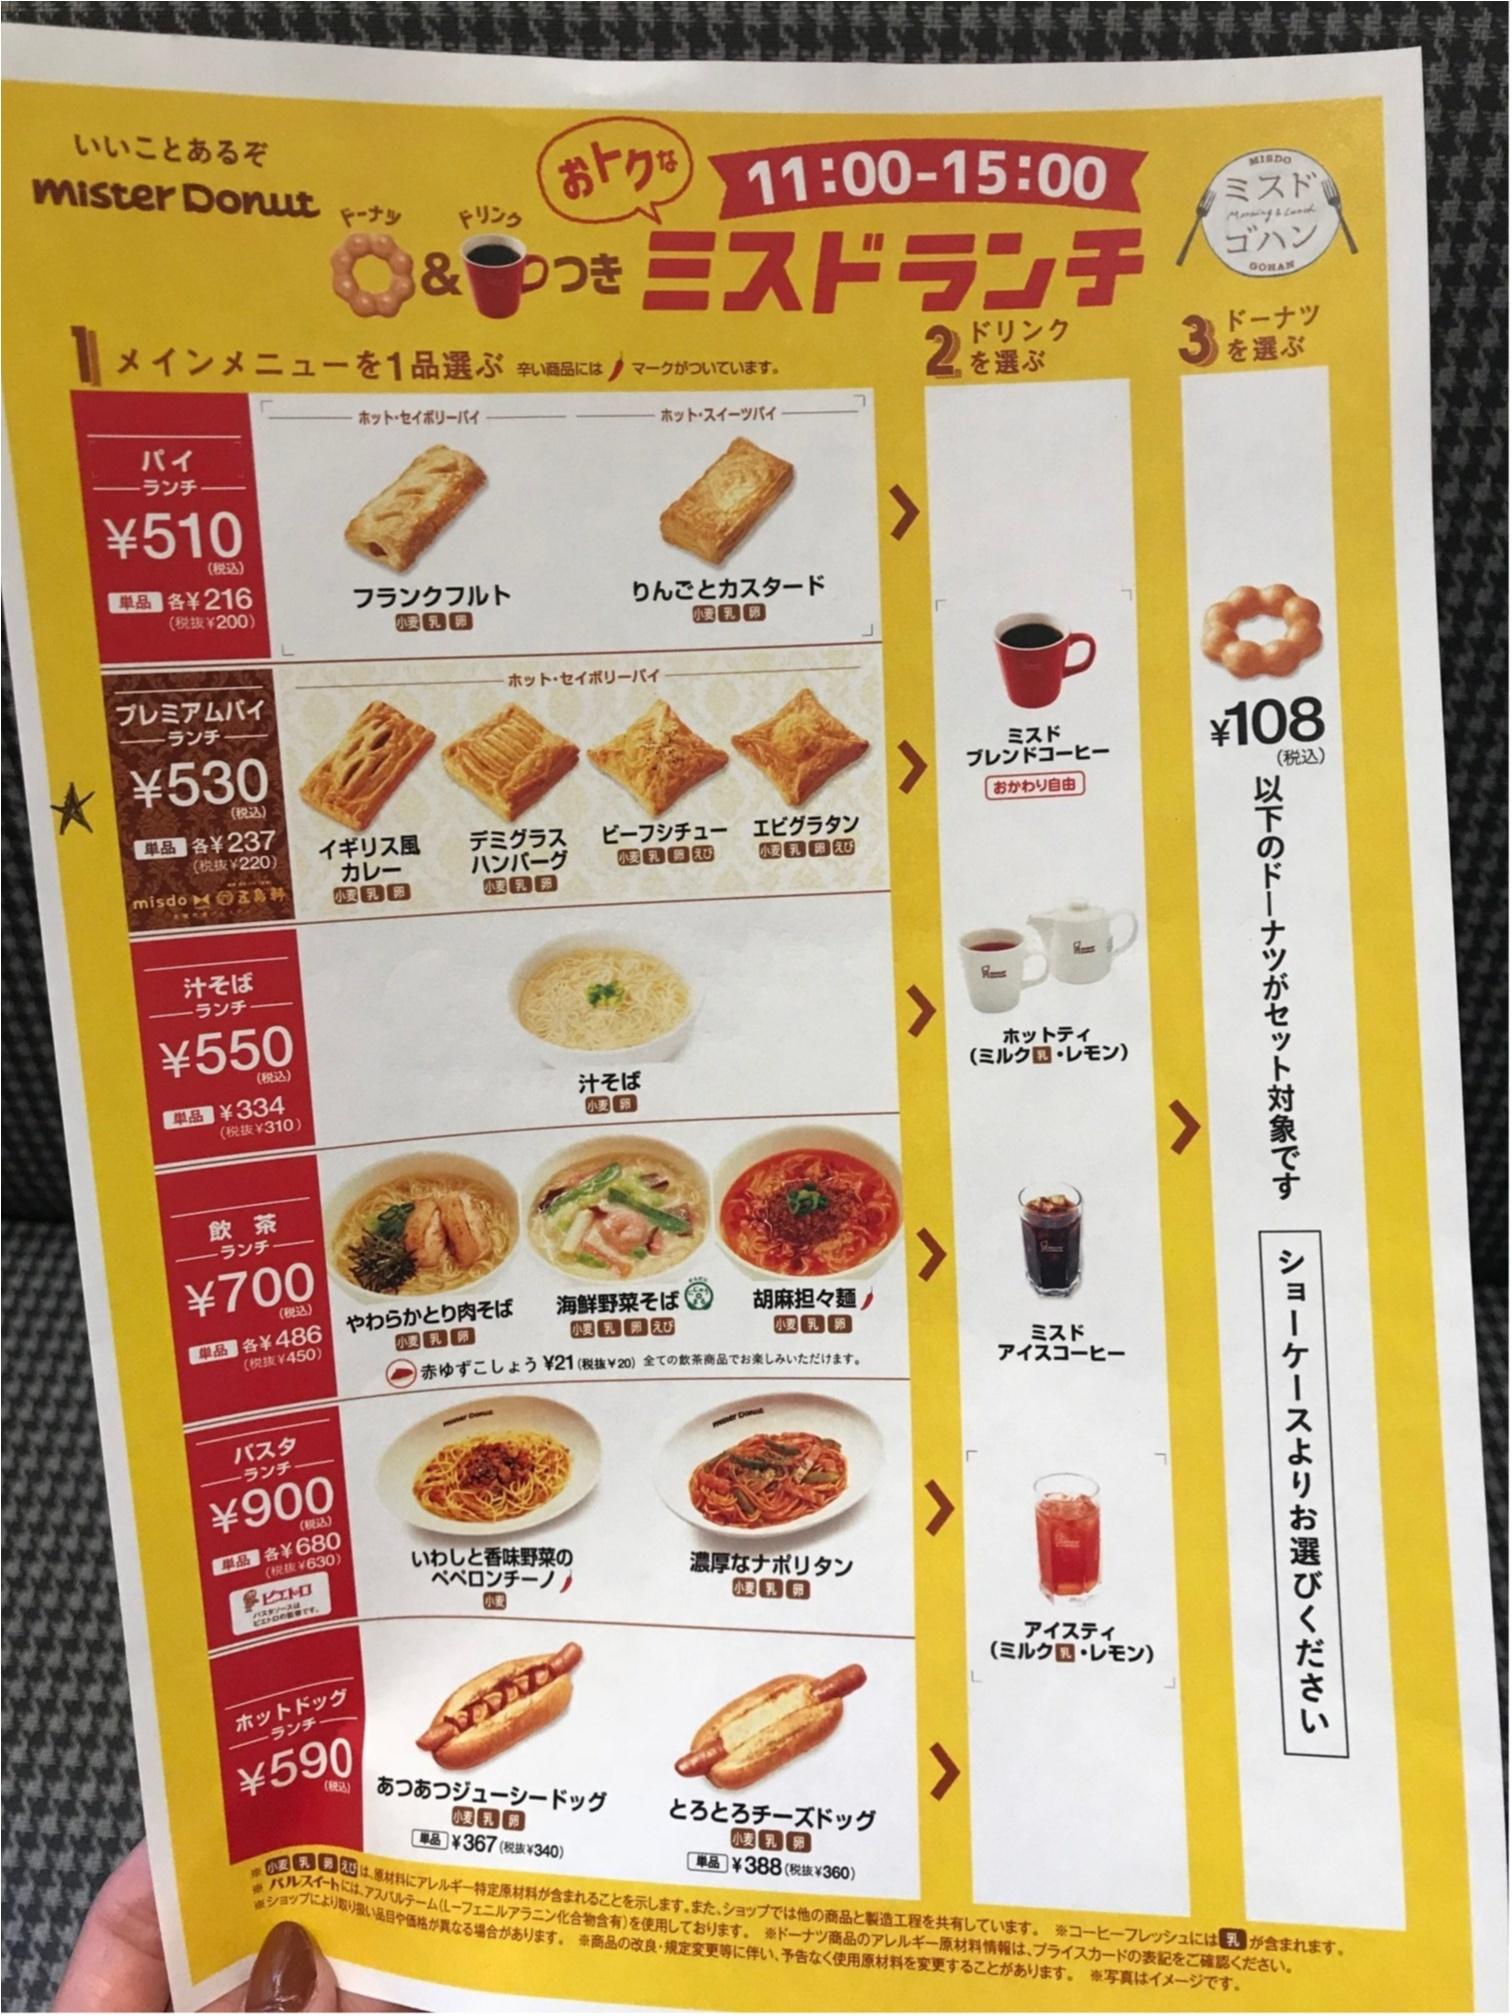 ミスドと函館の人気レストラン『五島軒』がコラボした「老舗洋食プレミアムパイ」が最高 記事Photo Gallery_1_7